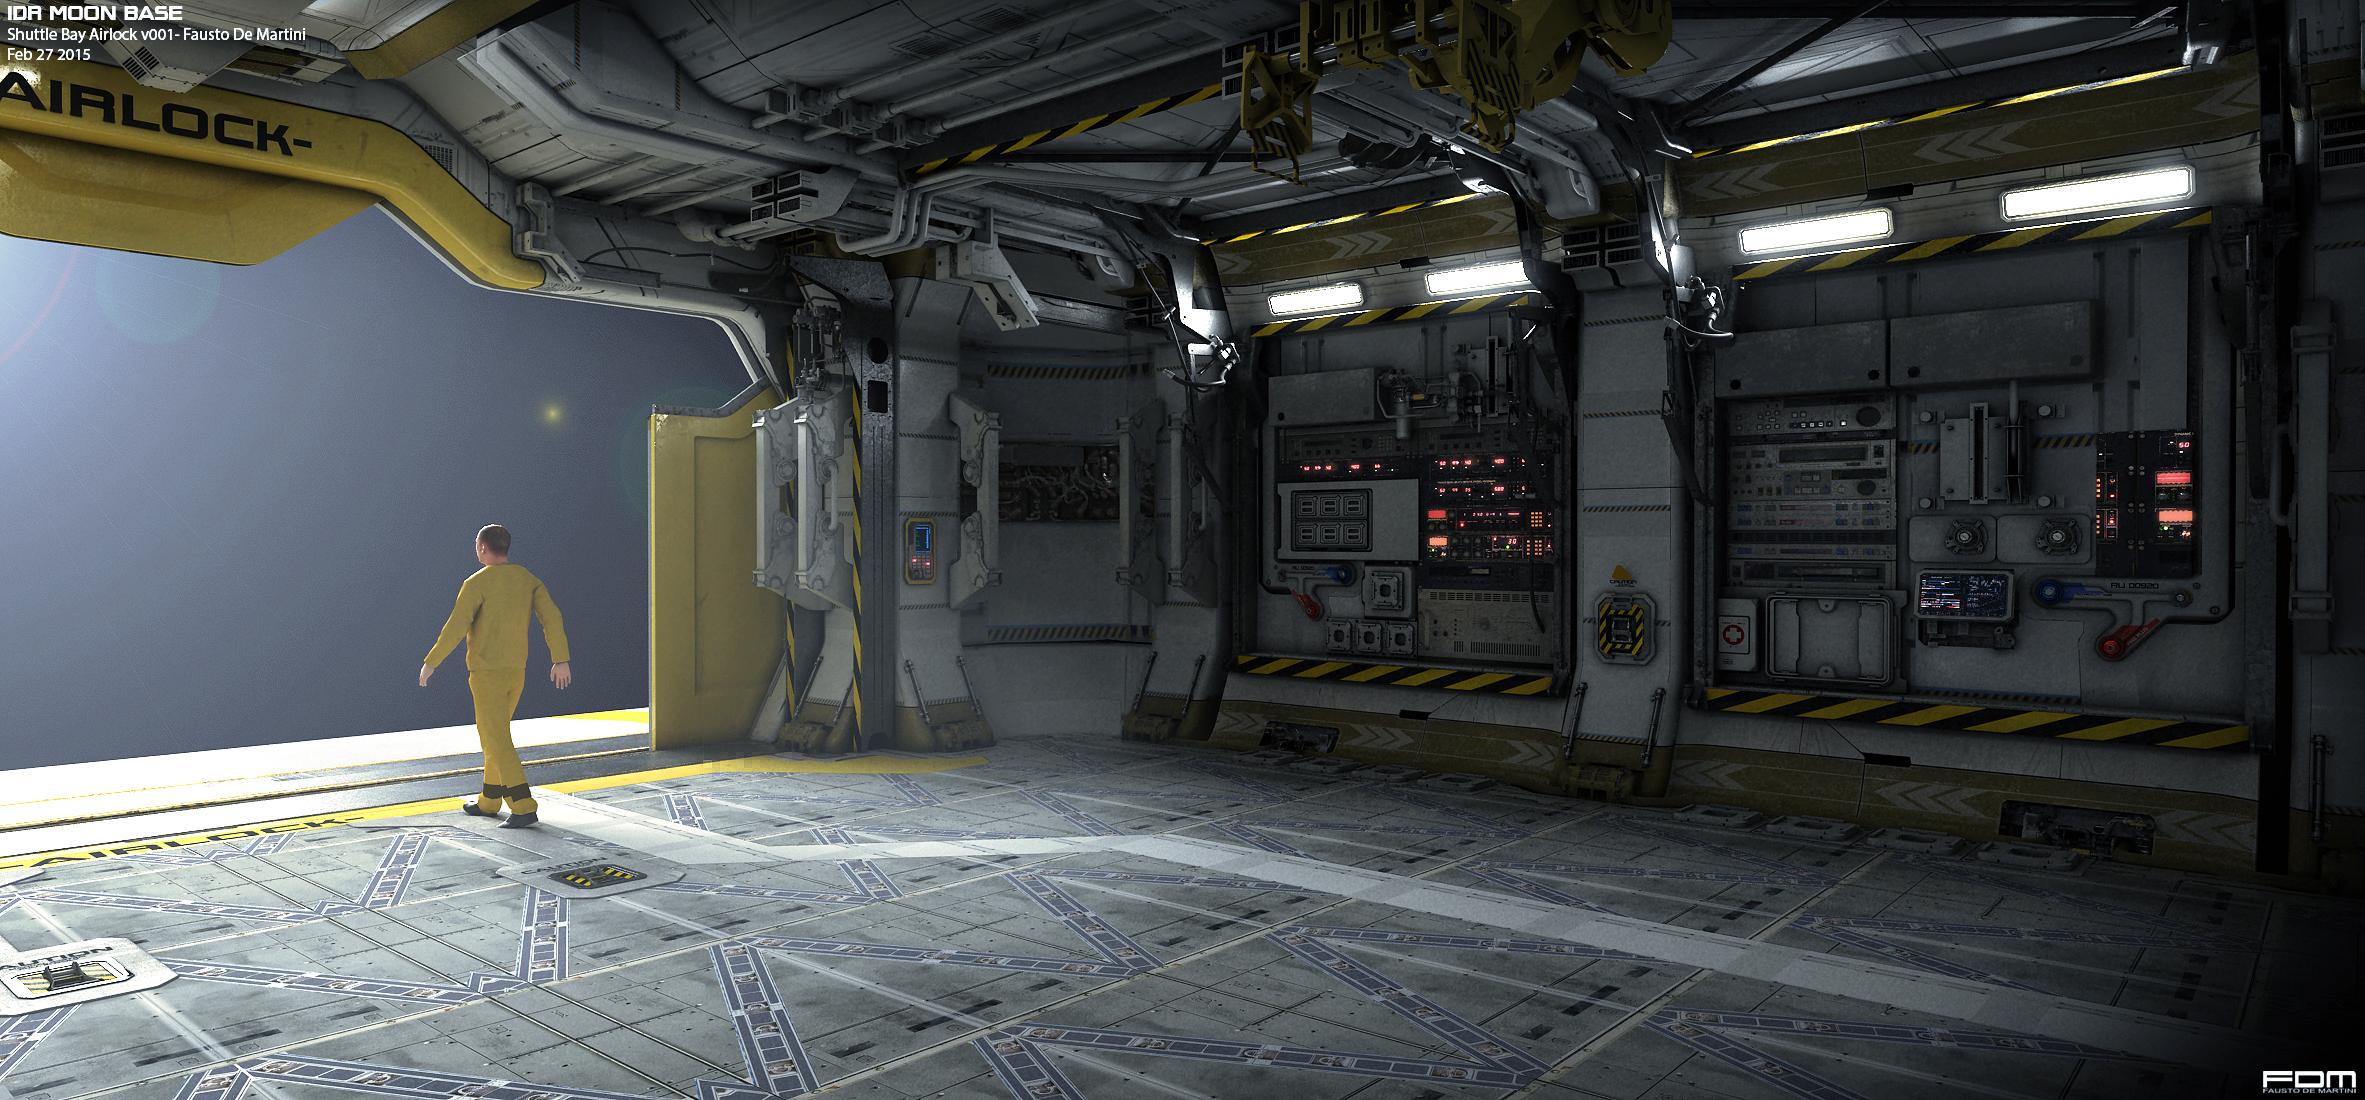 MoonBase_022715_FDM_ShuttleBayAirlock_v001_001.jpg